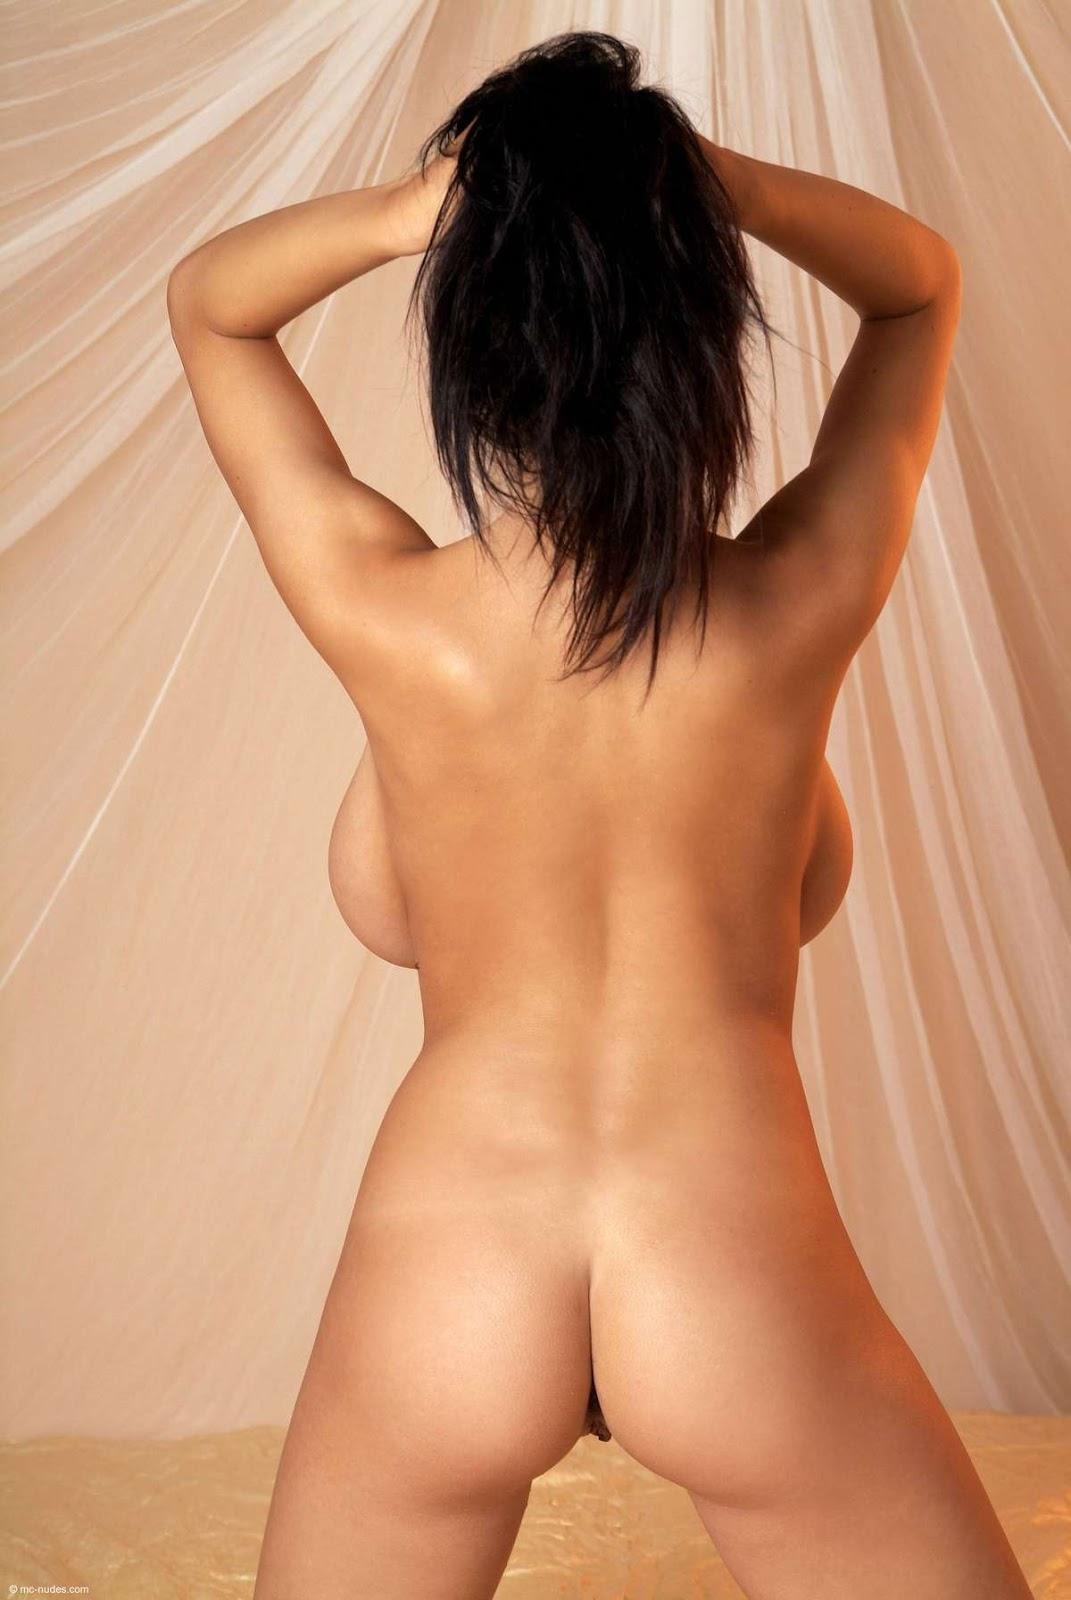 Naked jana defi Naked Lady